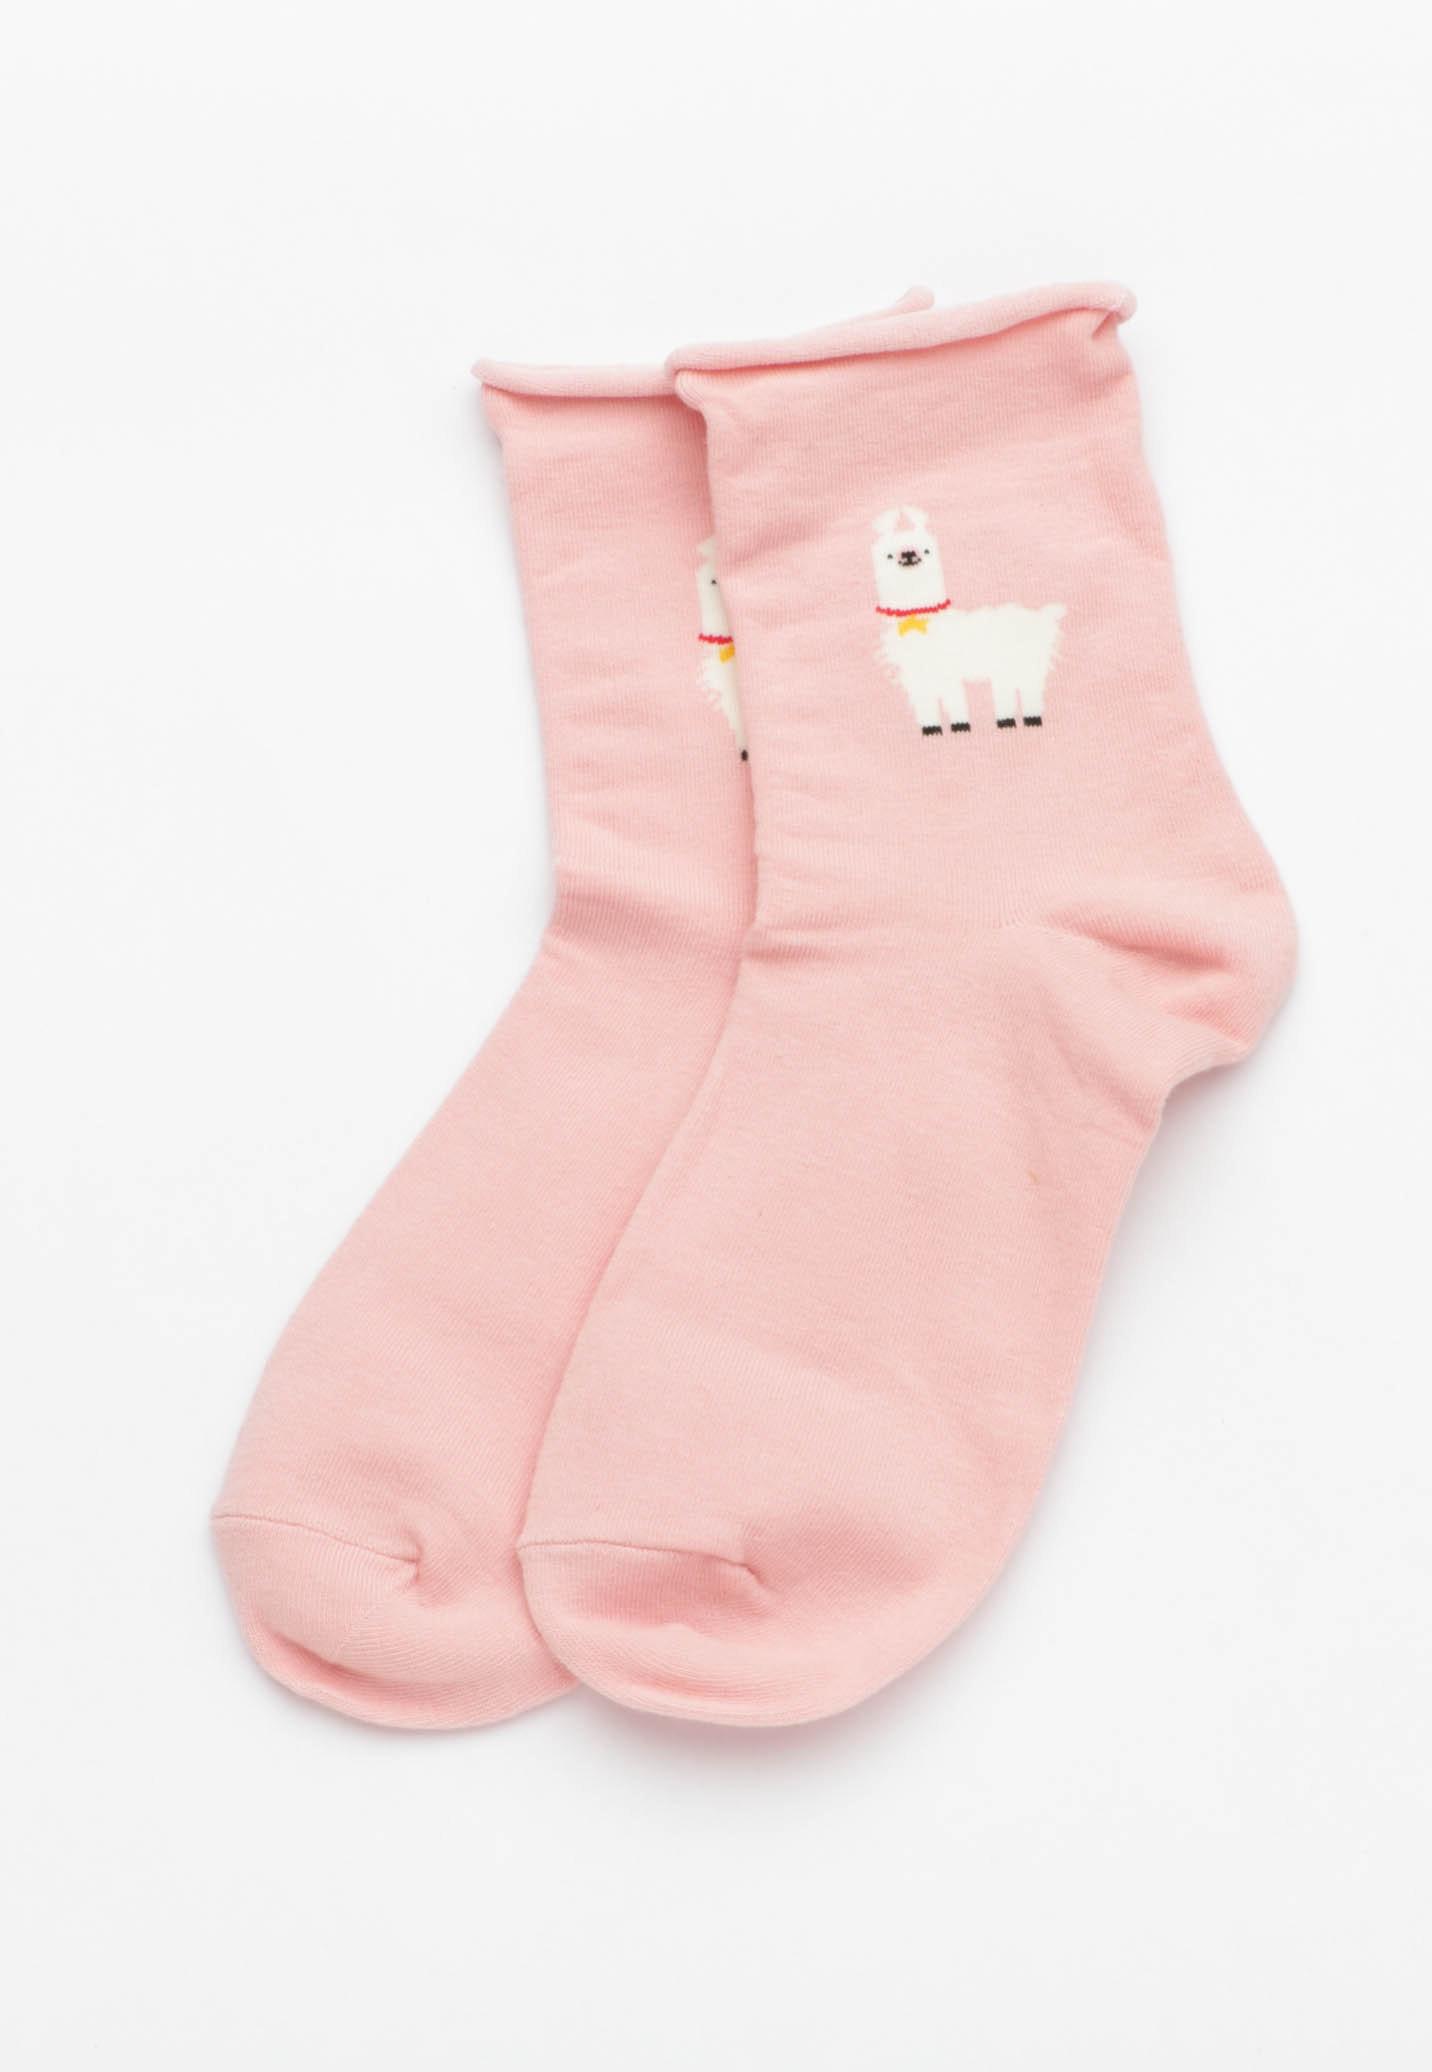 Llama Socks - Blush